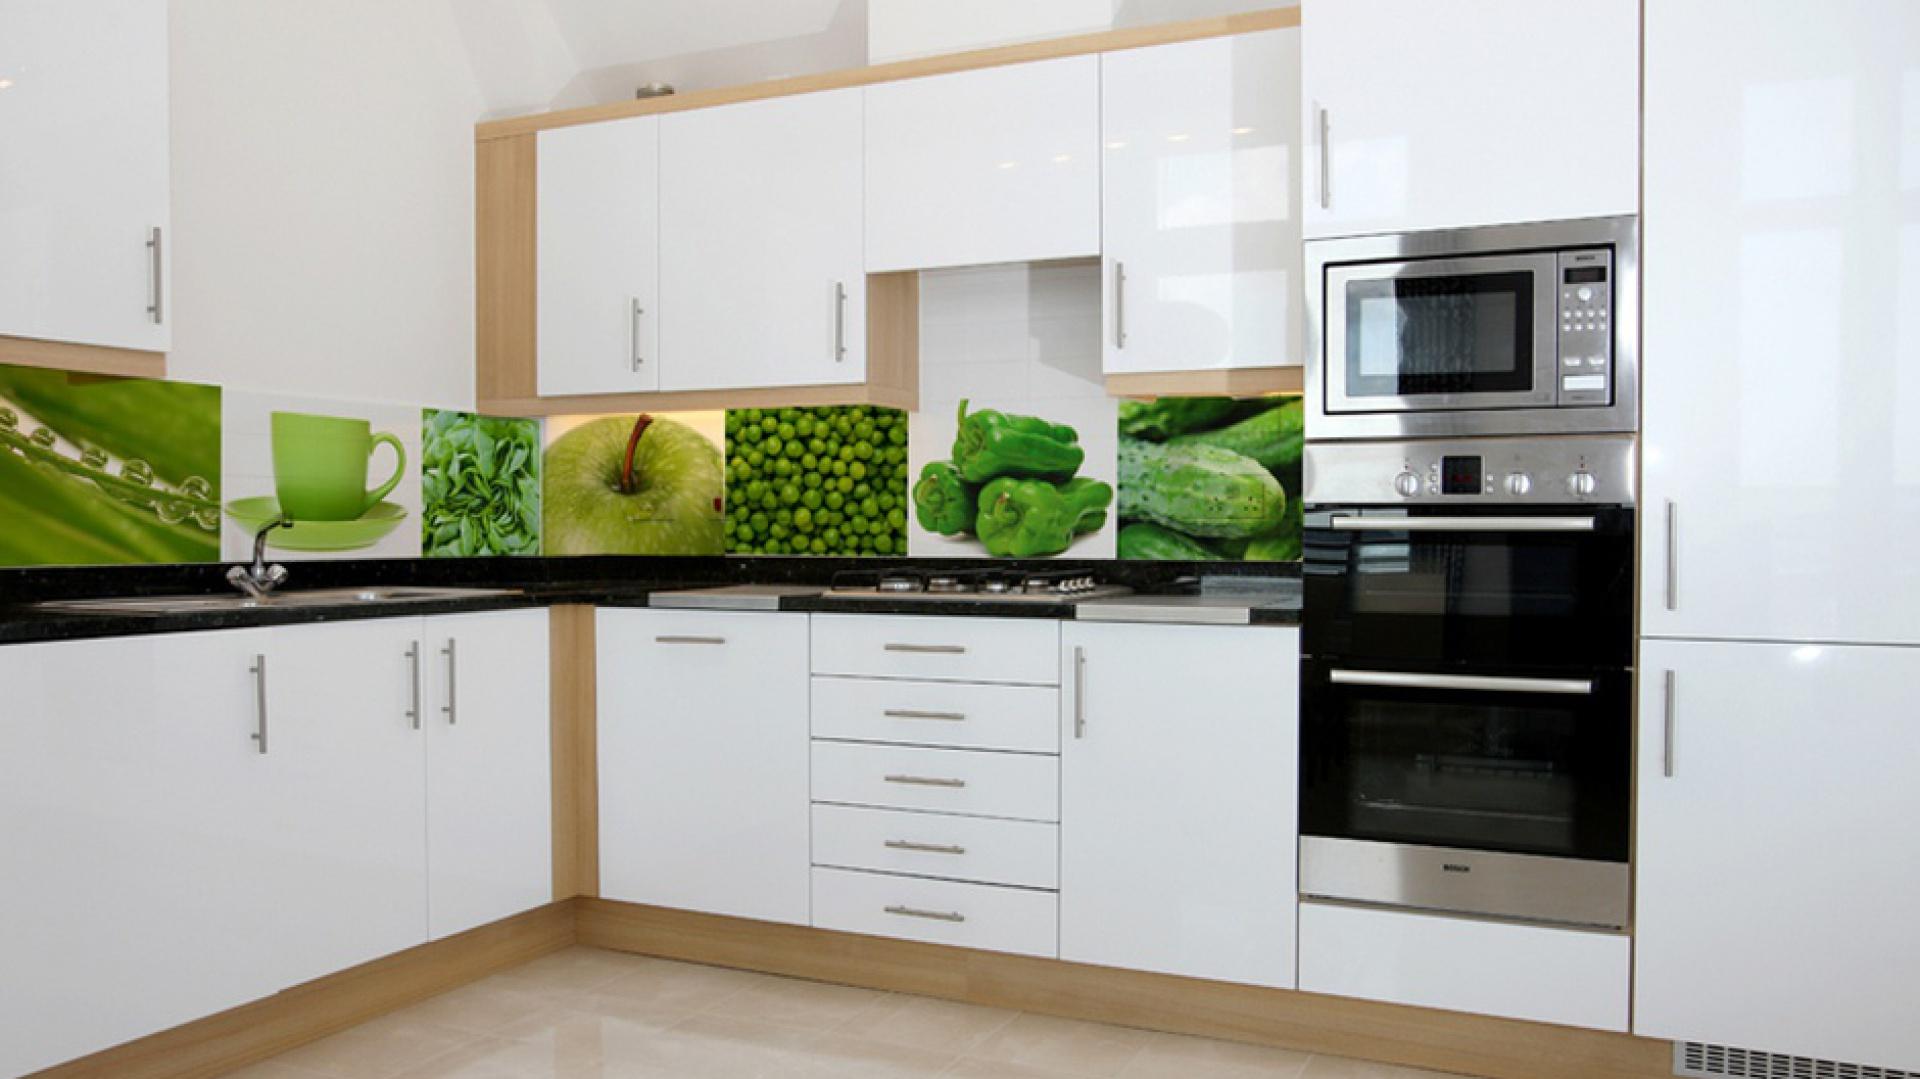 Samoprzylepna fototapeta do Ściana nad blatem 15   -> Kuchnia Z Fototapetą